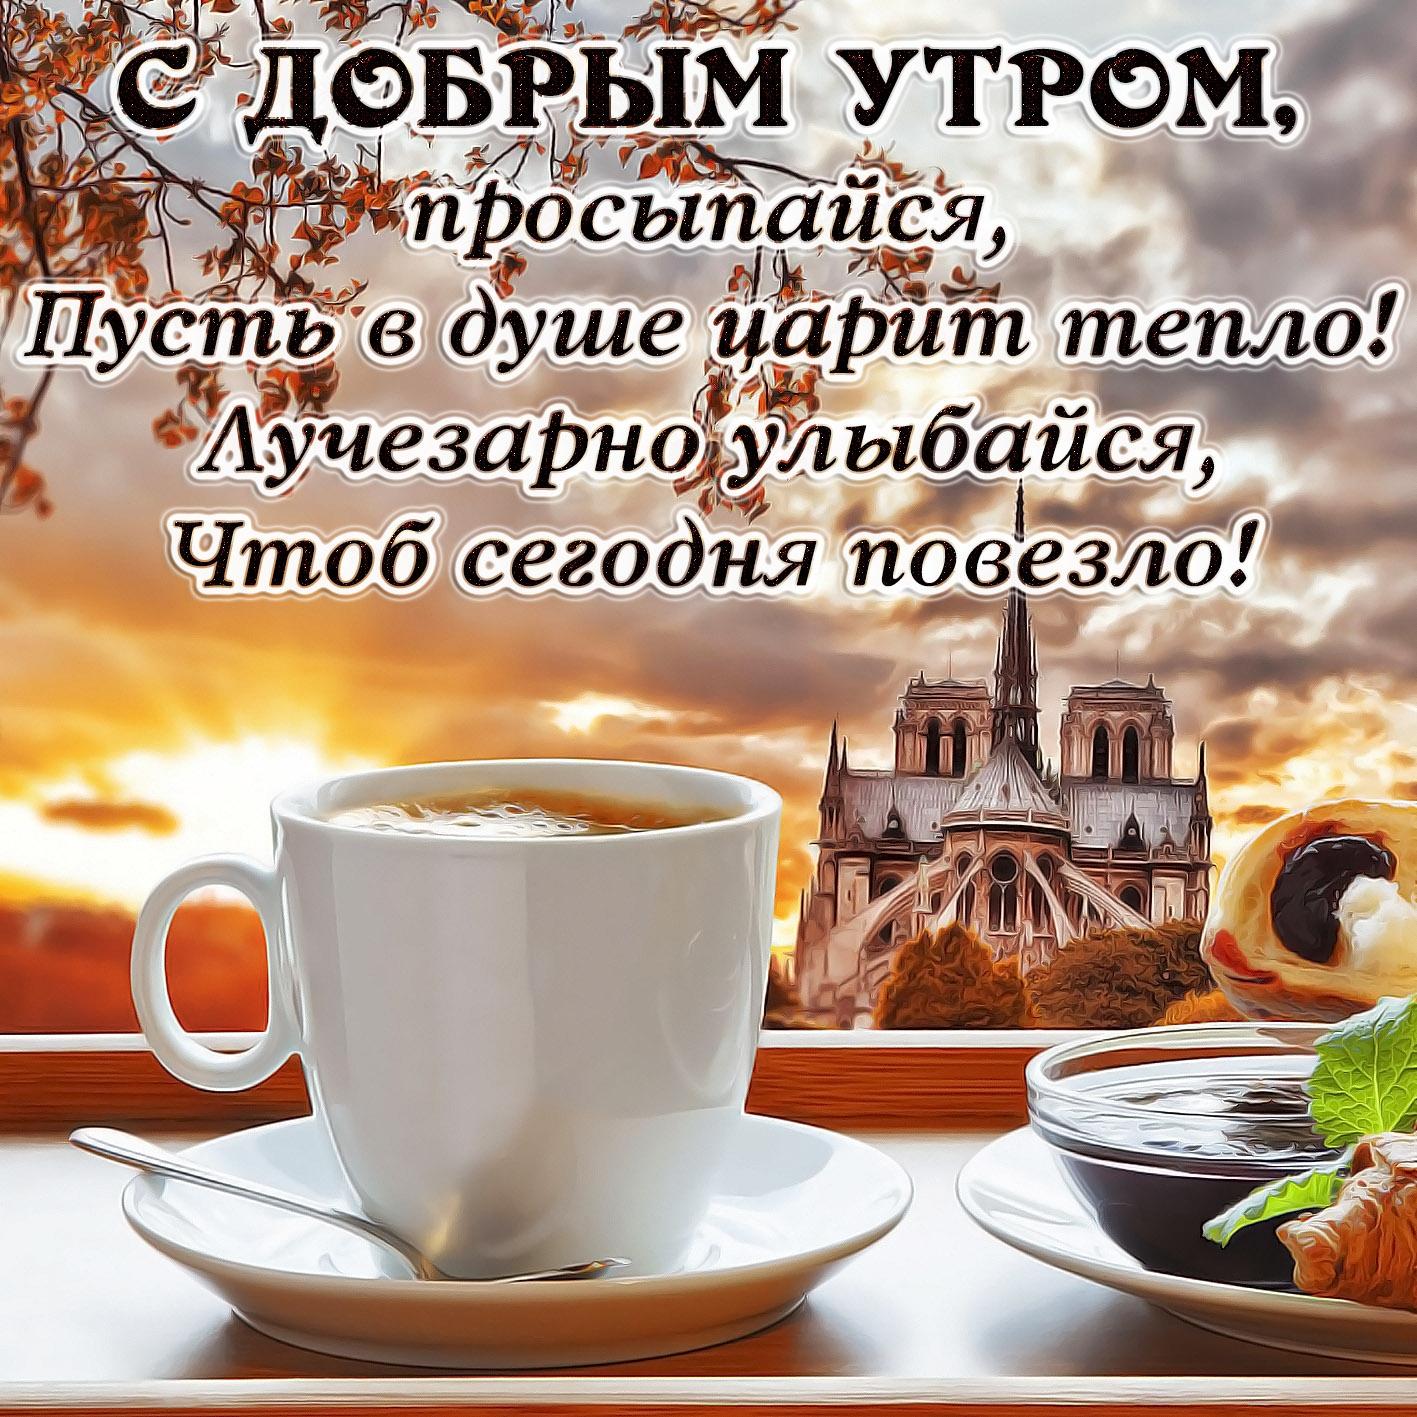 Картинки с добрым утром скачать на телефон019